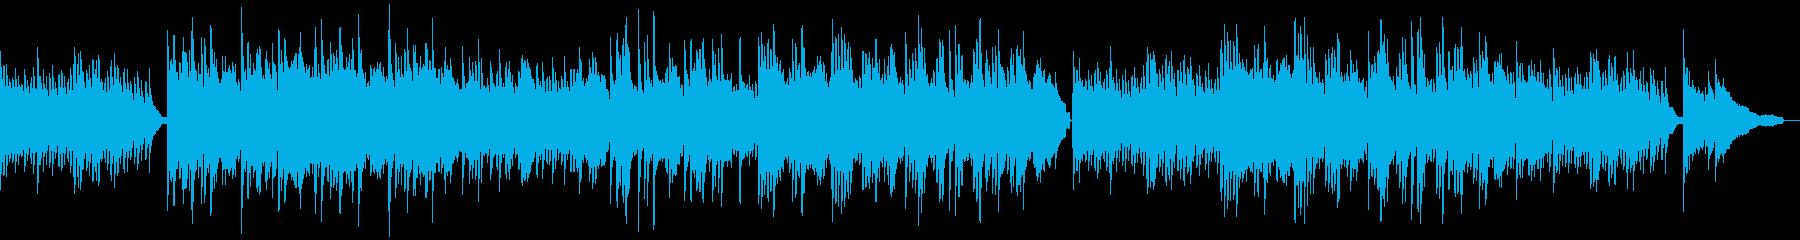 優しい雰囲気のソロピアノの再生済みの波形